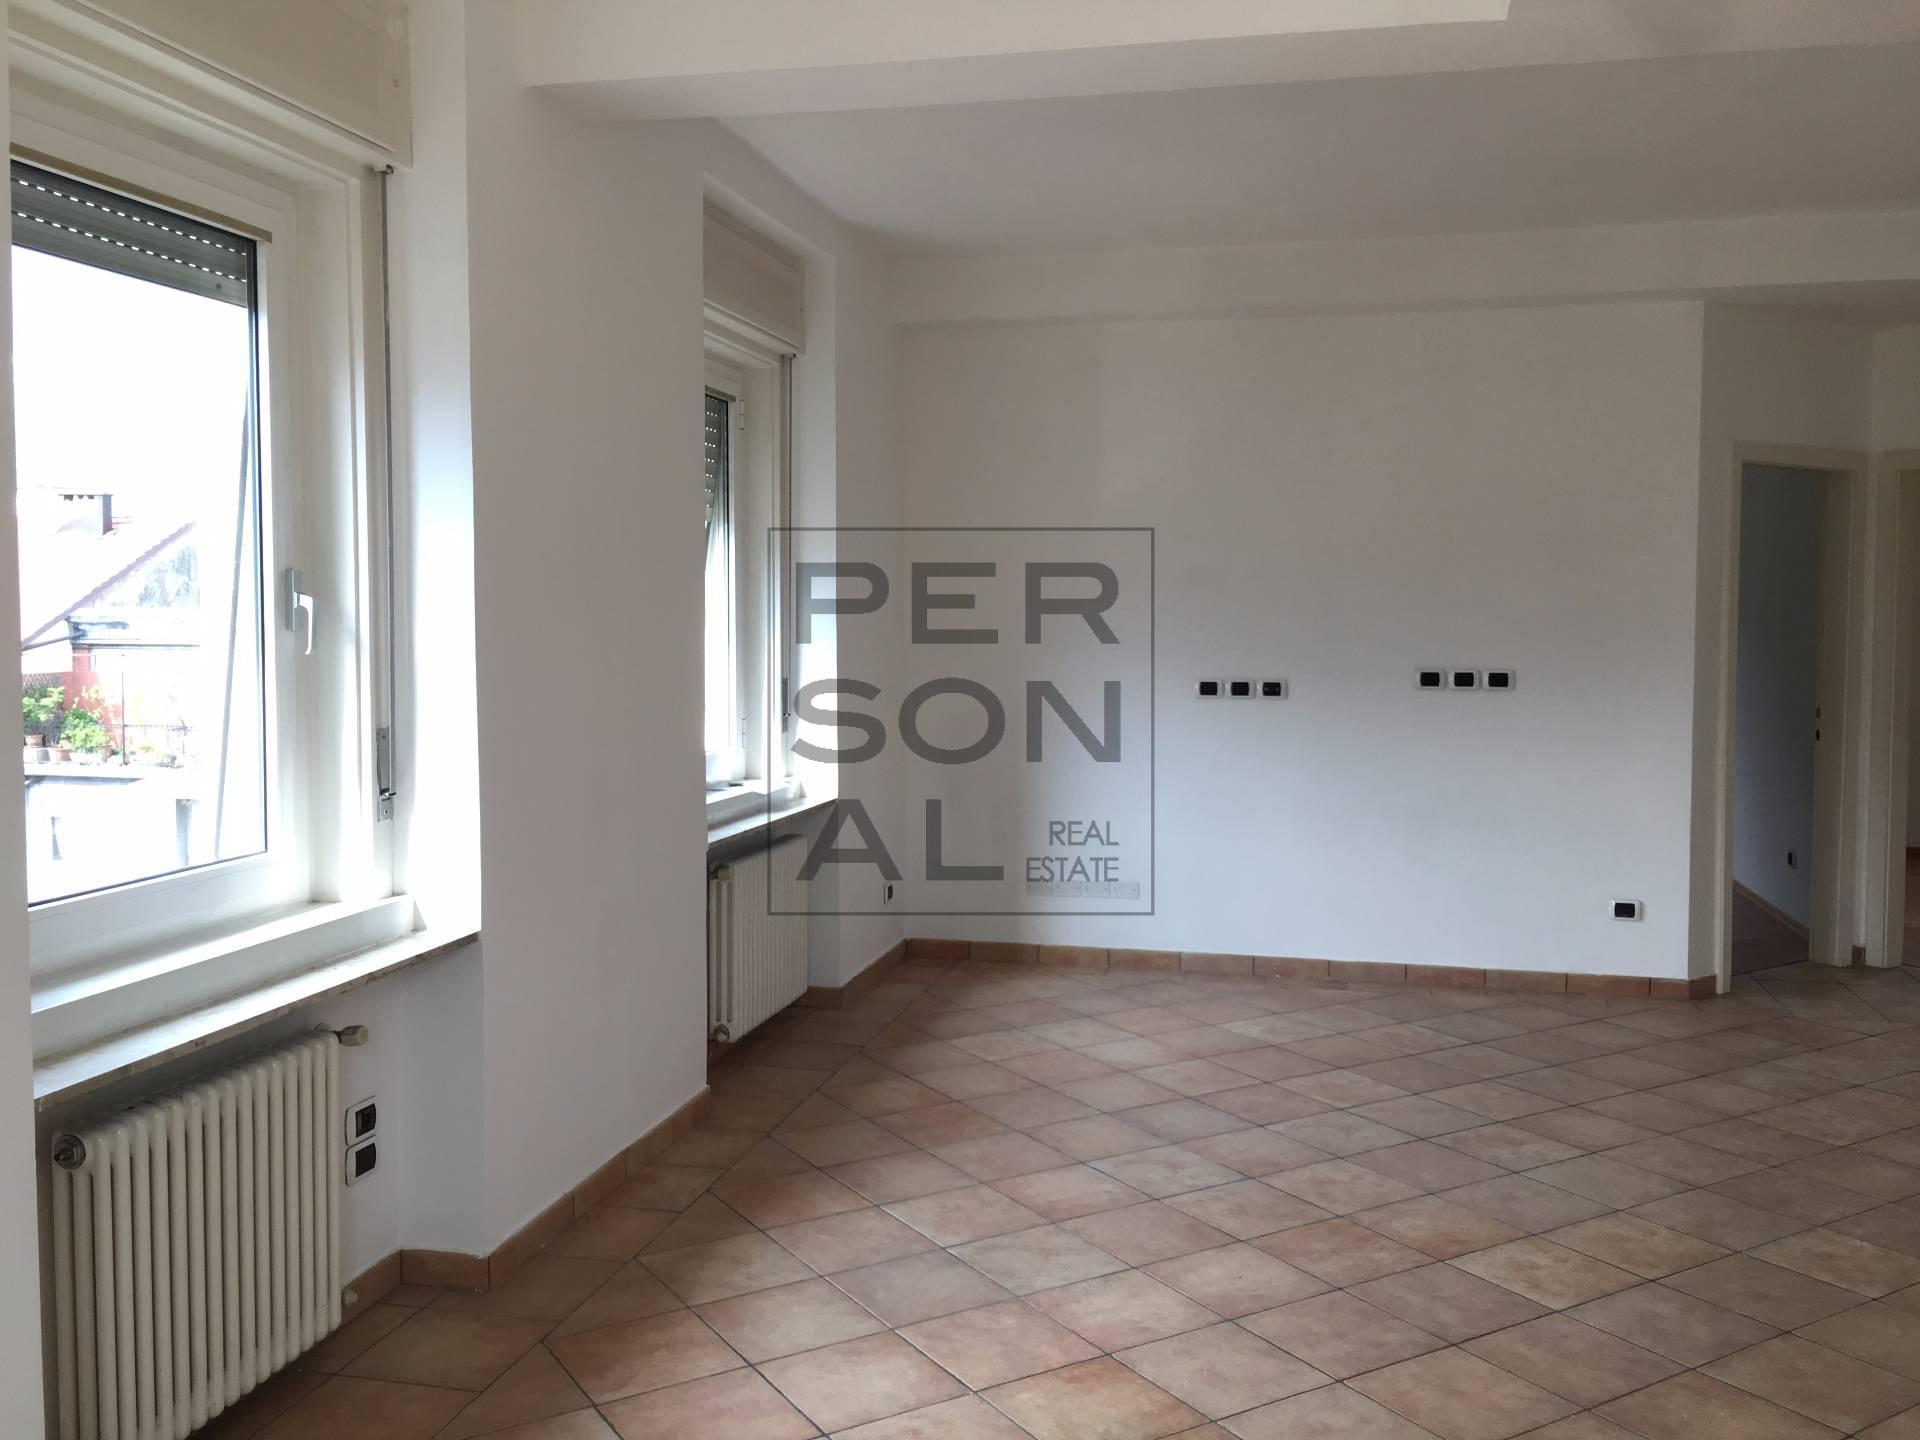 Appartamento in Affitto a Trento - Cod. XI-AFF-026